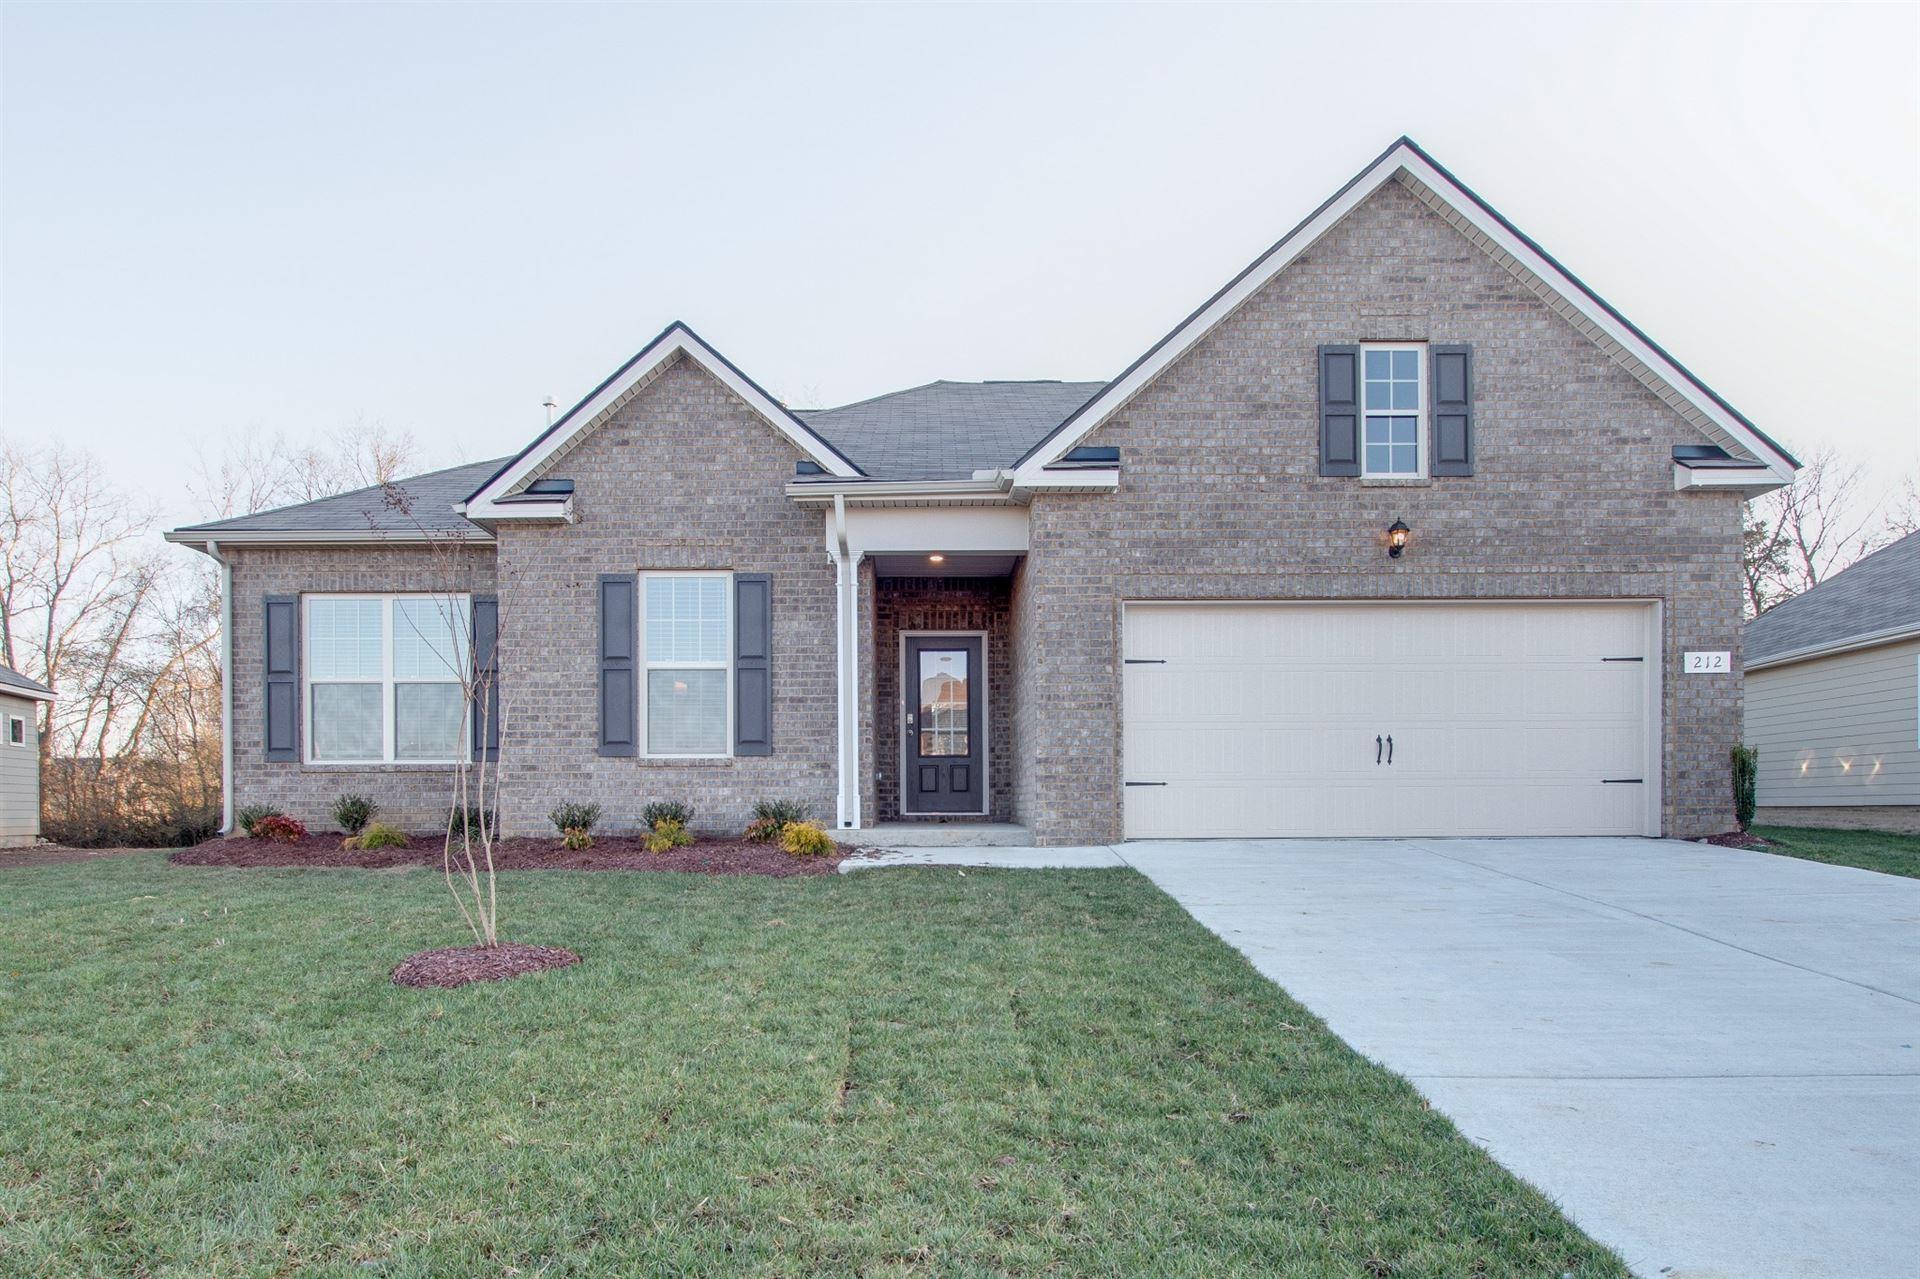 1034 Alta Vista Lane Lot 31, Smyrna, TN 37167 - MLS#: 2224699